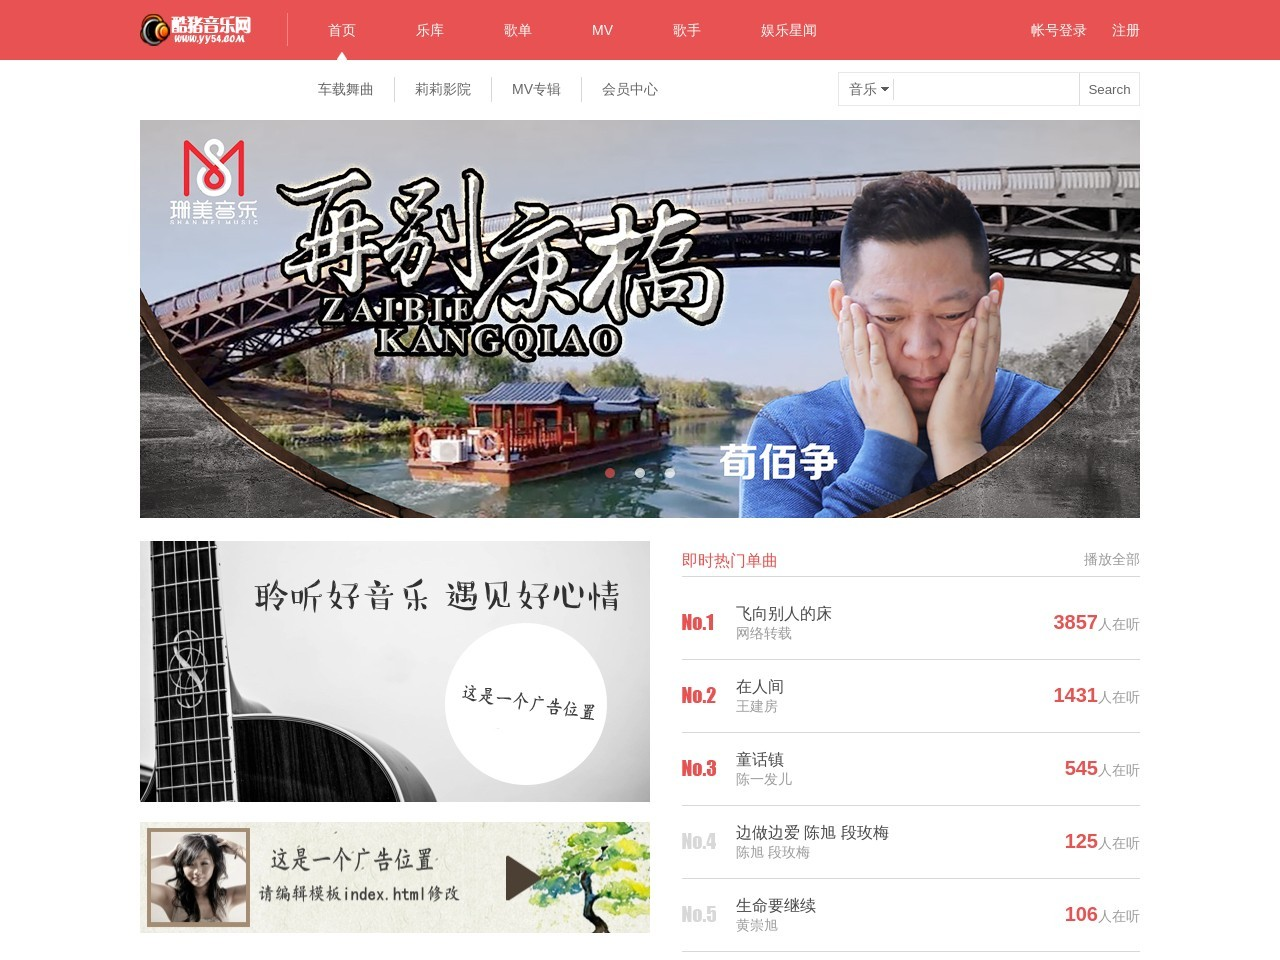 酷猪音乐网_酷猪音乐论坛_天地人音乐网